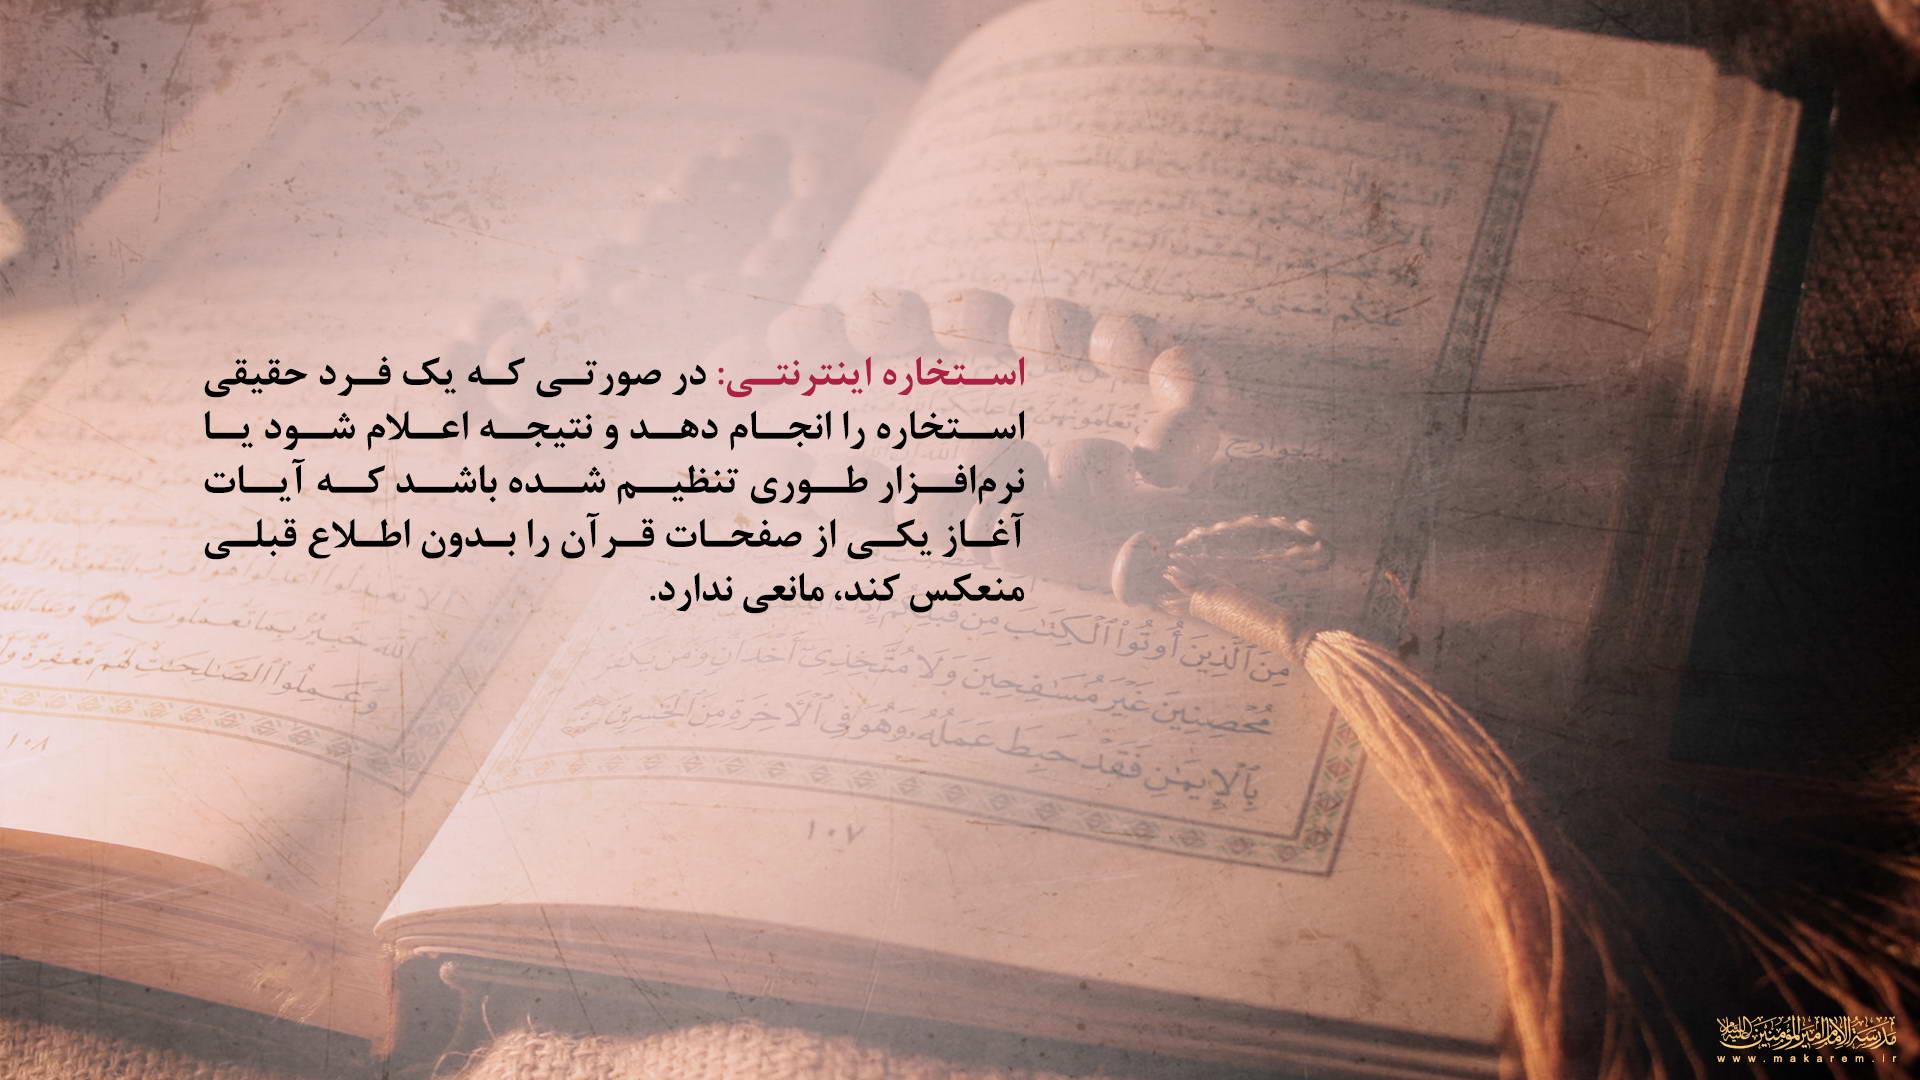 استخاره اینترنتی-مدرسه الامام امیر المومنین (ع)